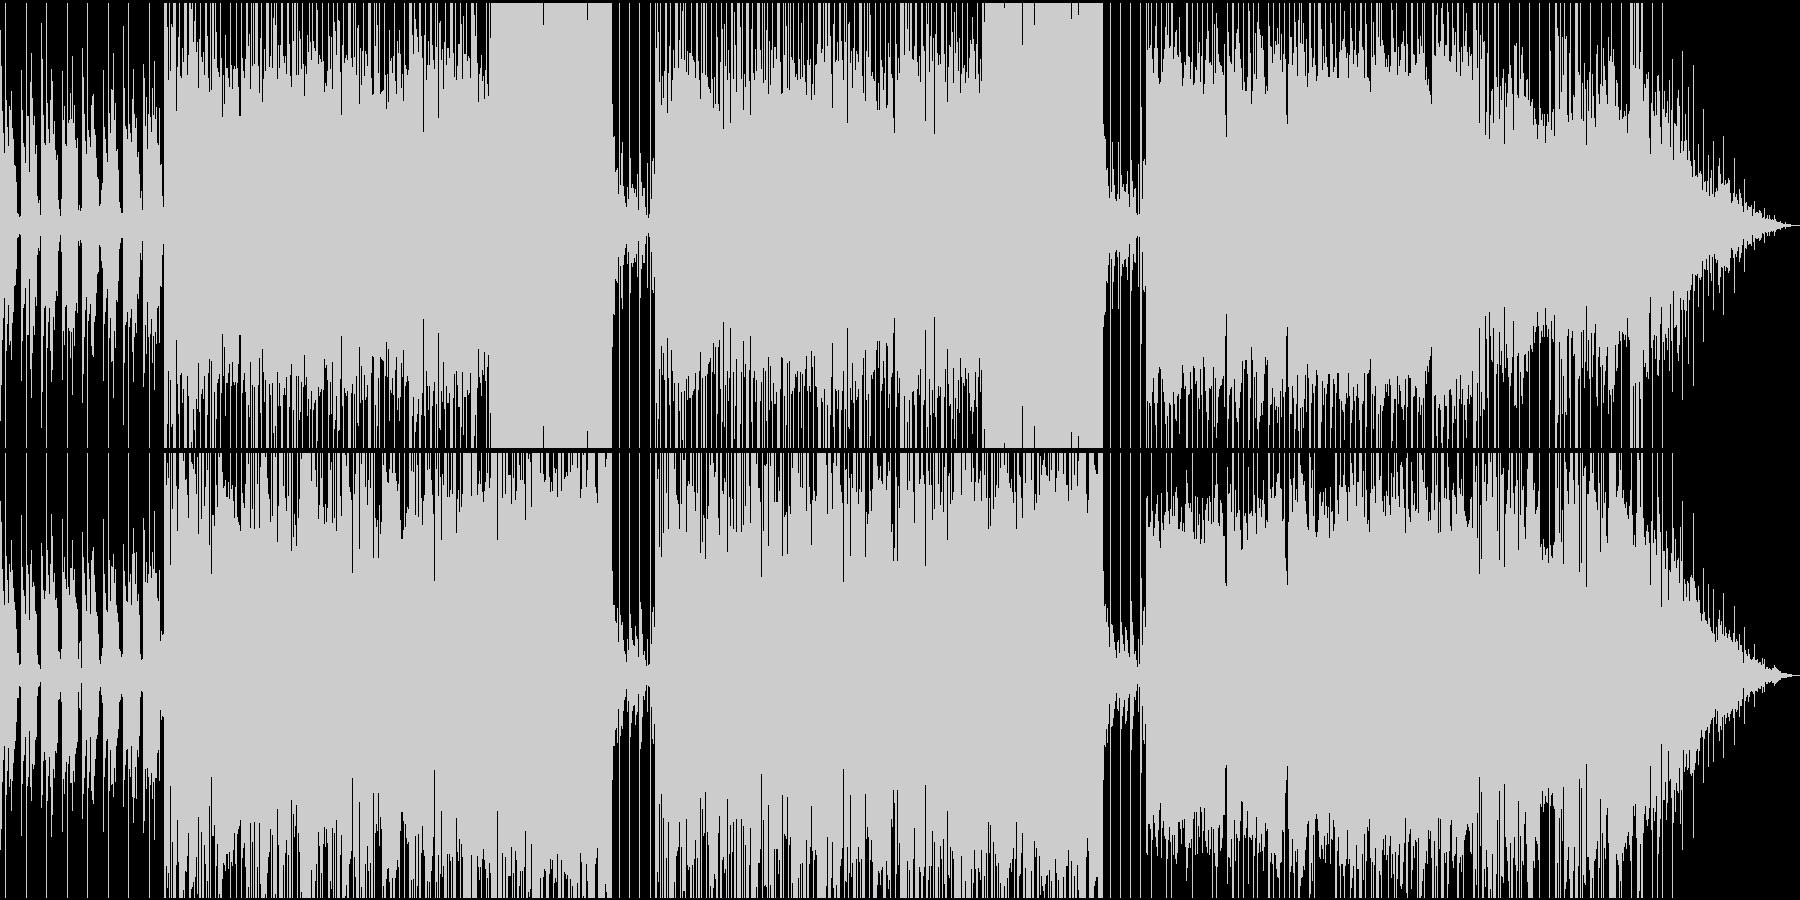 おしゃれなメロディーのギターバラードの未再生の波形